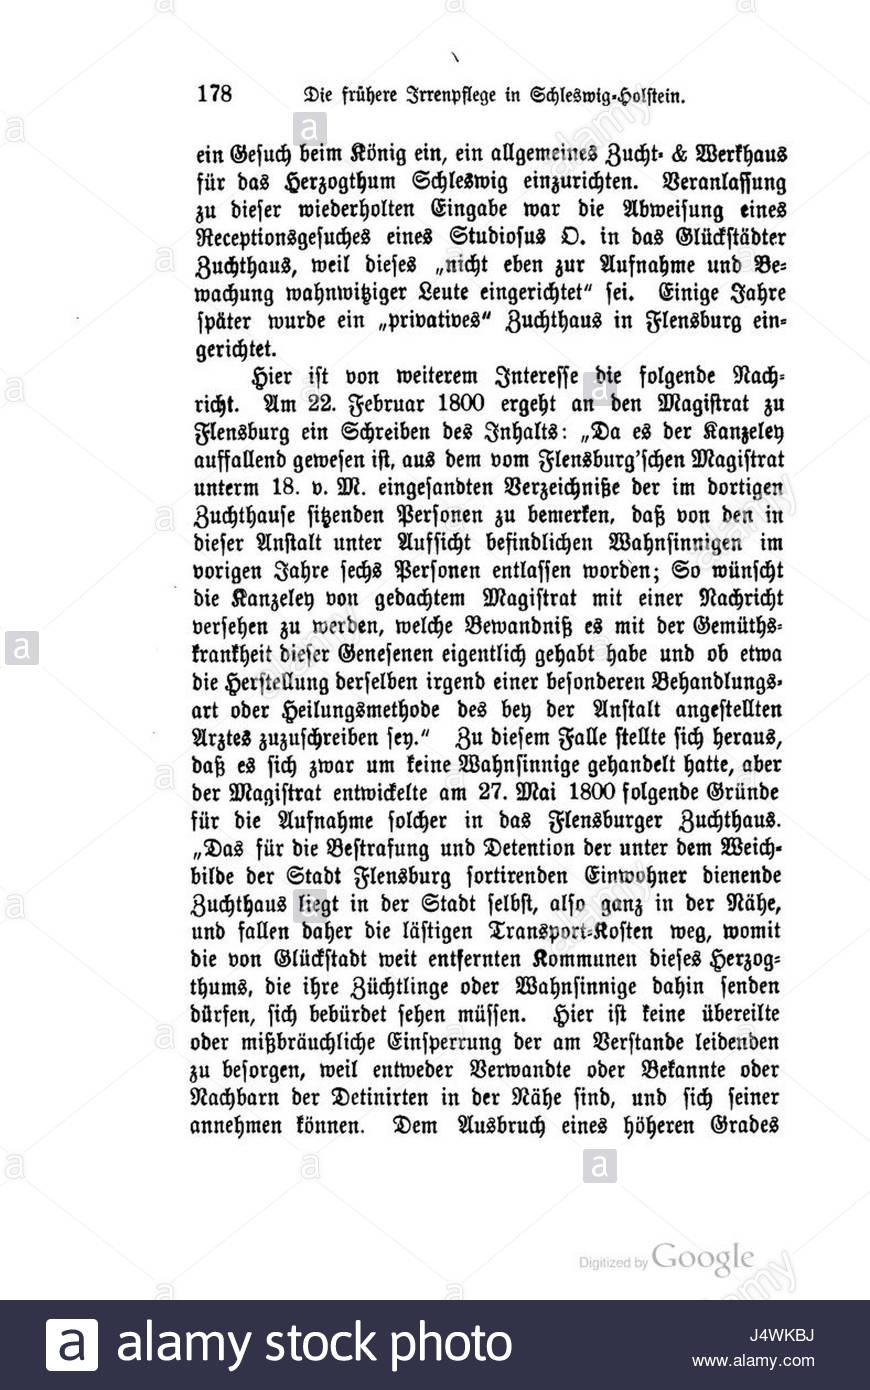 Zeitschrift der Gesellschaft fr schles 20 0189 - Stock Image